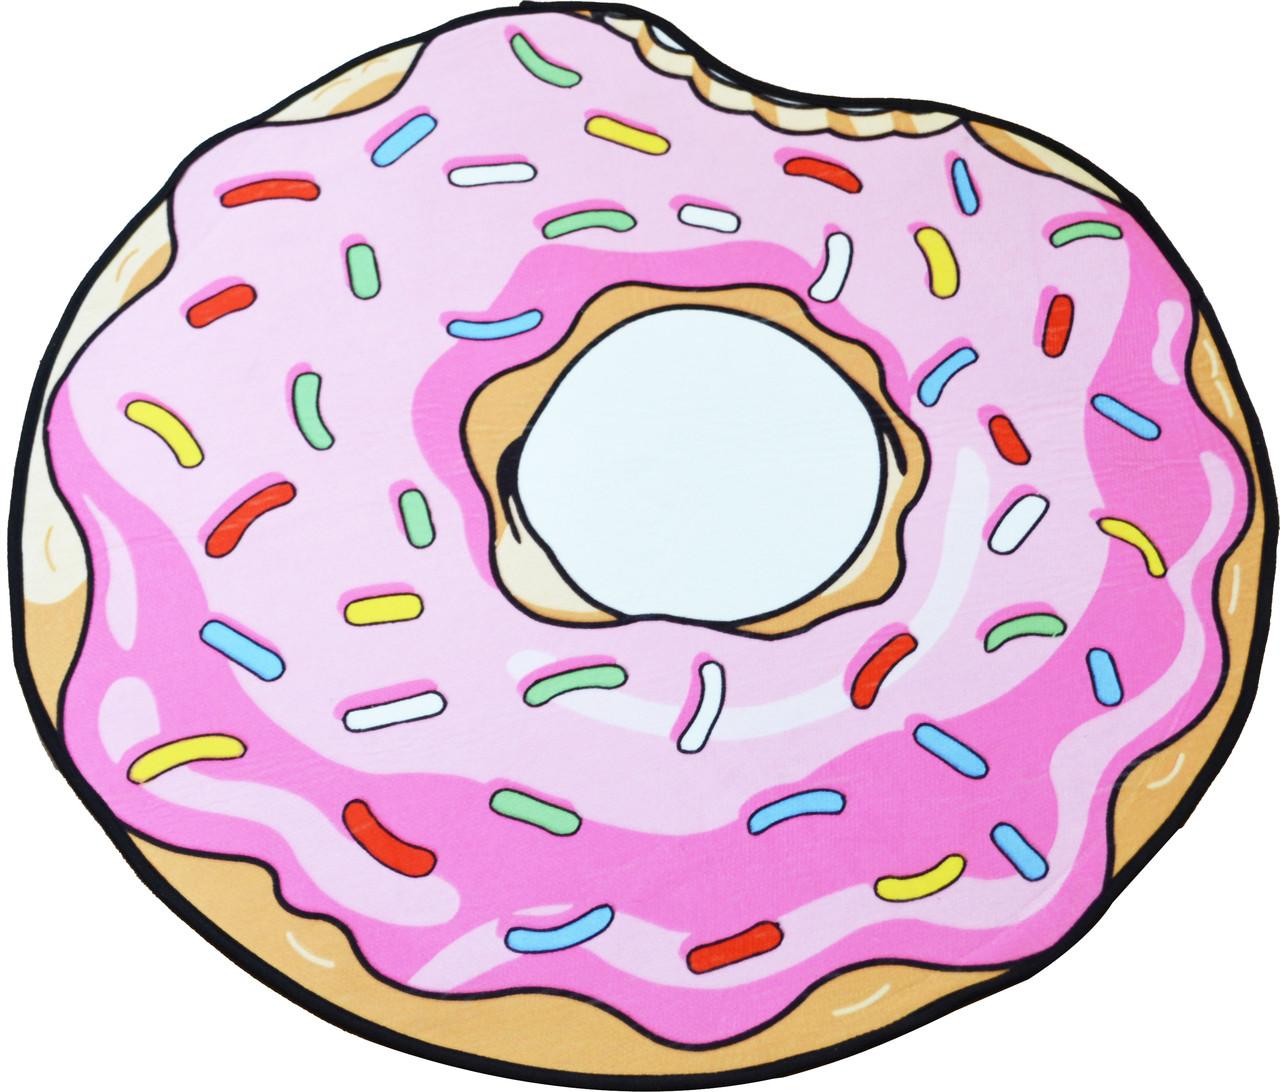 Коврик 3D круглый безворсовый с 3д принтом ковер для дома 80см Пончик (3066)